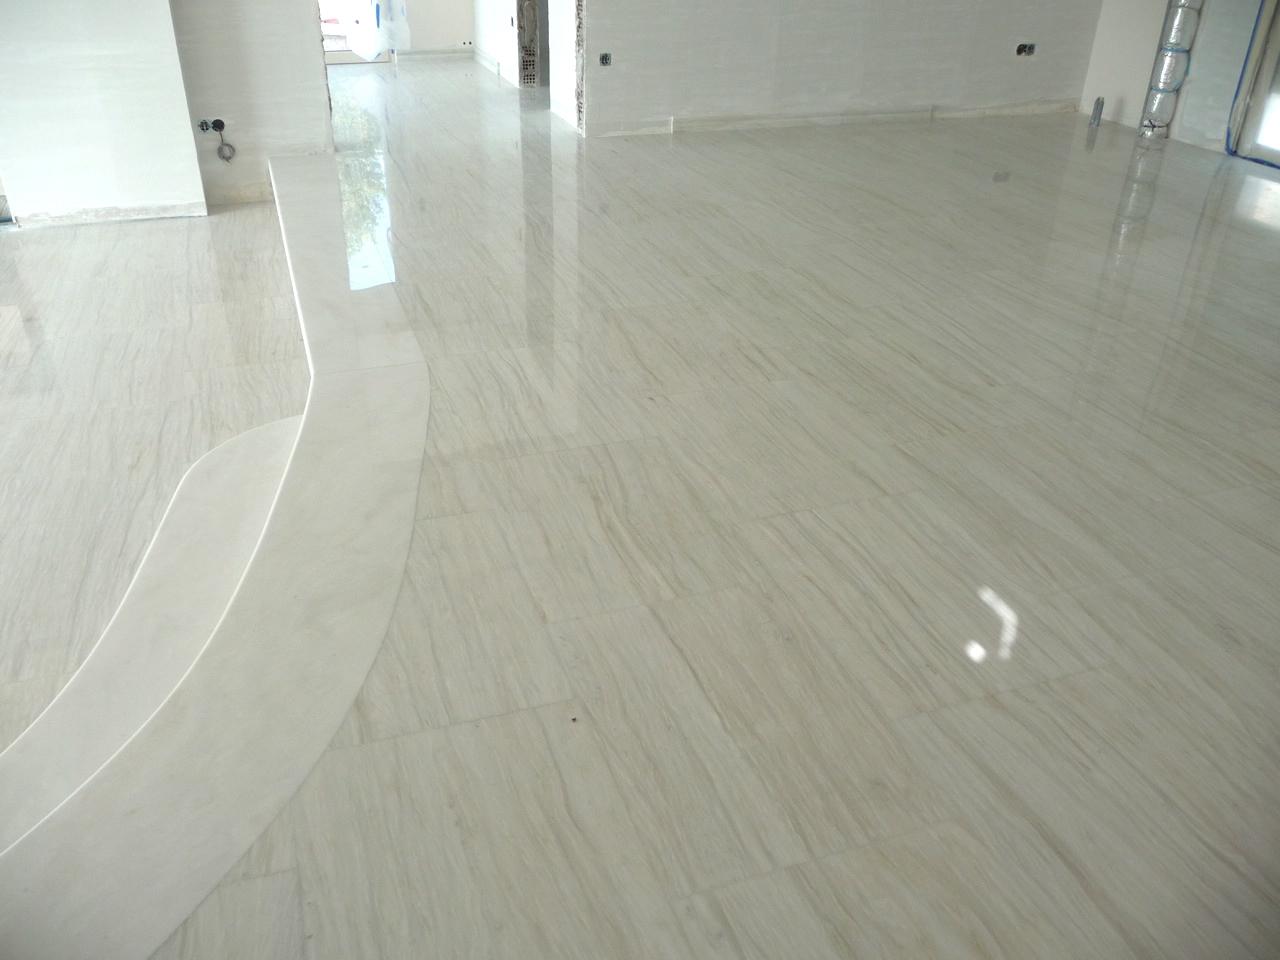 Marmeren Badkamer Vloer : Wit marmer aphrodite marble centre natuurstenen vloer